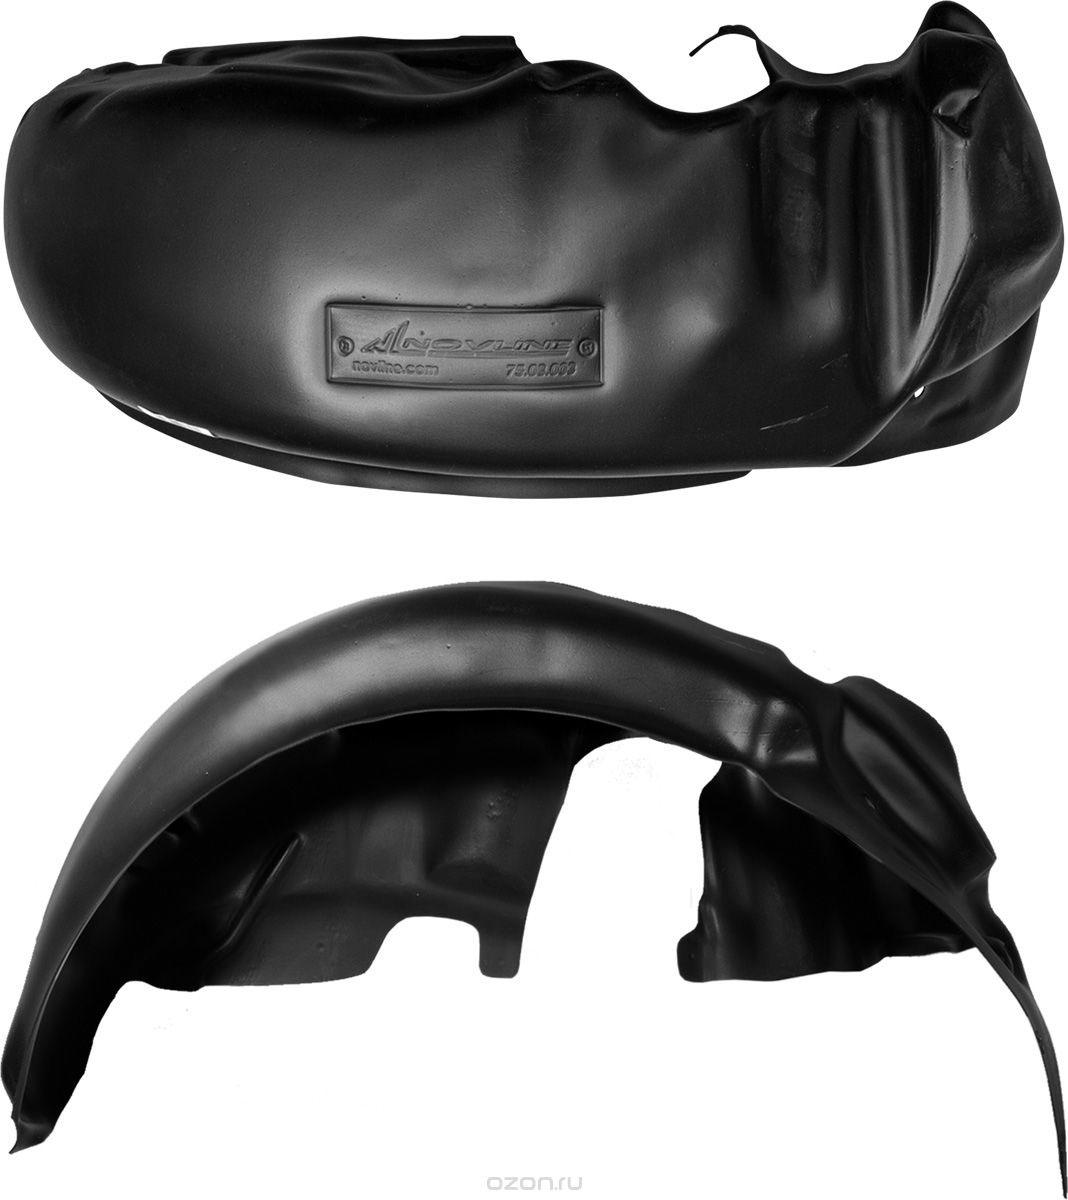 Подкрылок Novline-Autofamily, для Ford EcoSport 4WD, 2014->, задний левыйNLL.16.55.003Идеальная защита колесной ниши. Локеры разработаны с применением цифровых технологий, гарантируют максимальную повторяемость поверхности арки. Изделия устанавливаются без нарушения лакокрасочного покрытия автомобиля, каждый подкрылок комплектуется крепежом. Уважаемые клиенты, обращаем ваше внимание, что фотографии на подкрылки универсальные и не отражают реальную форму изделия. При этом само изделие идет точно под размер указанного автомобиля.